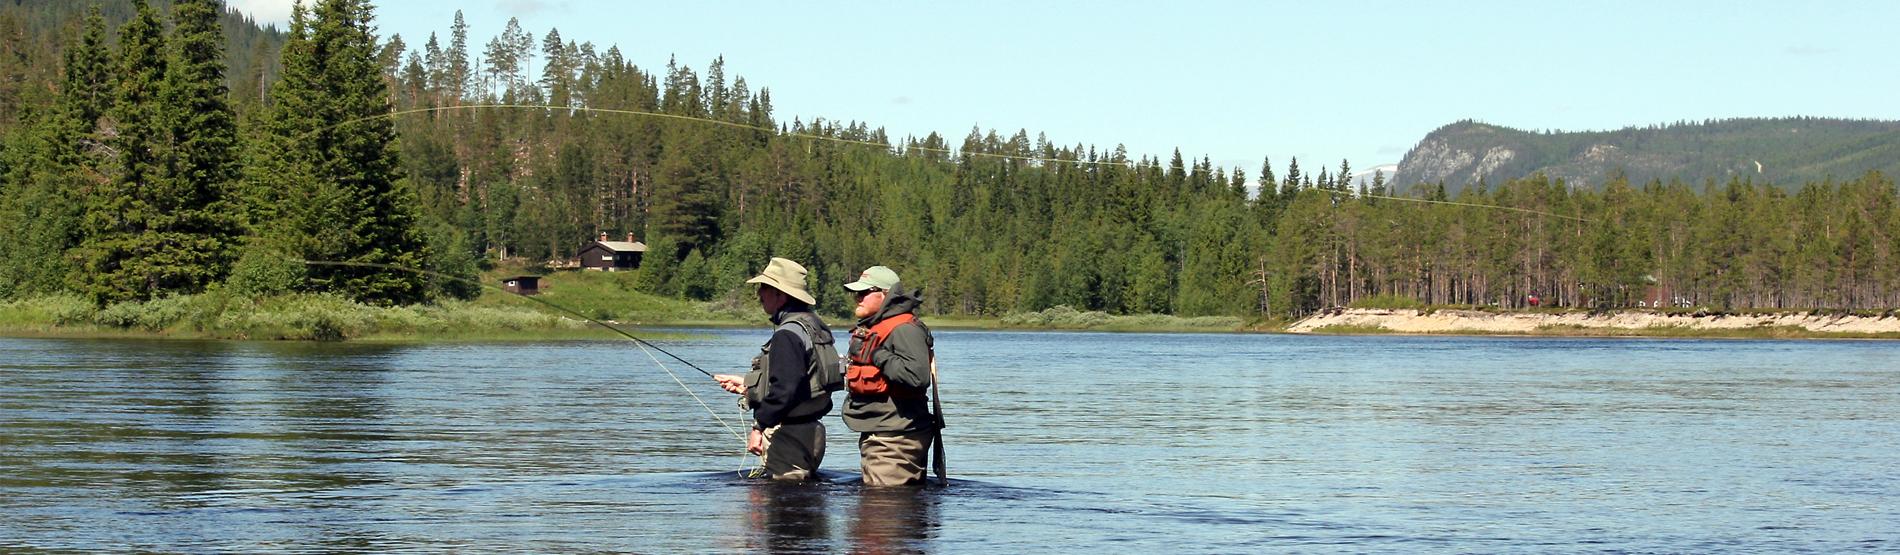 Fliegenfischen lernen mit Rudy van Duijnhoven